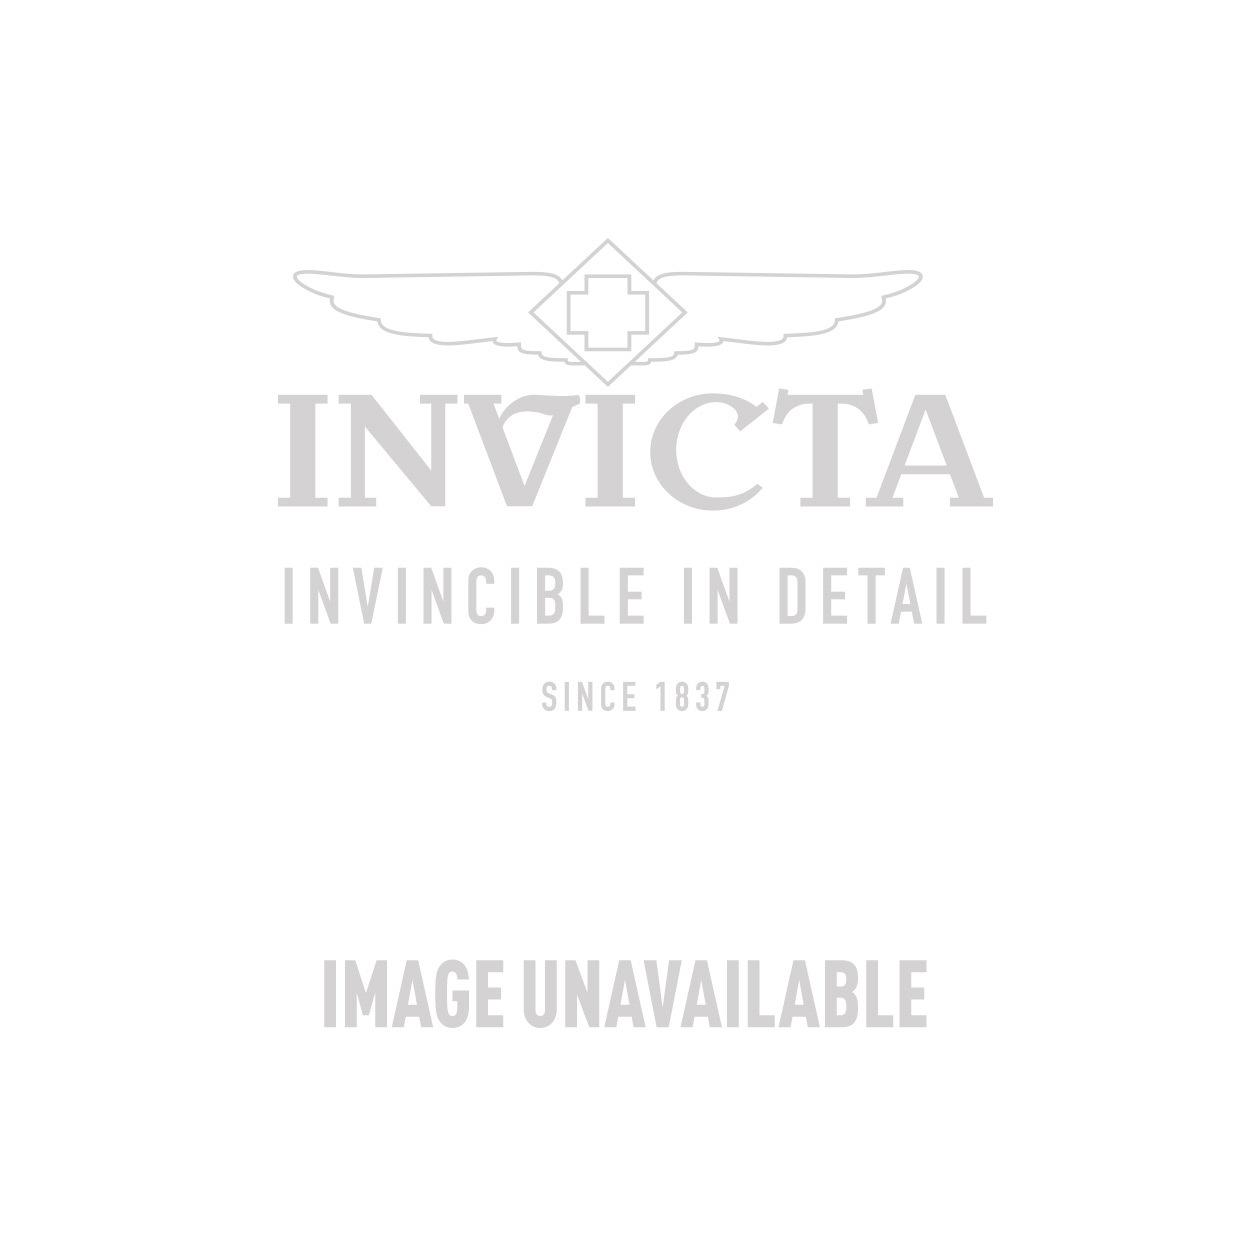 Invicta Model 25149